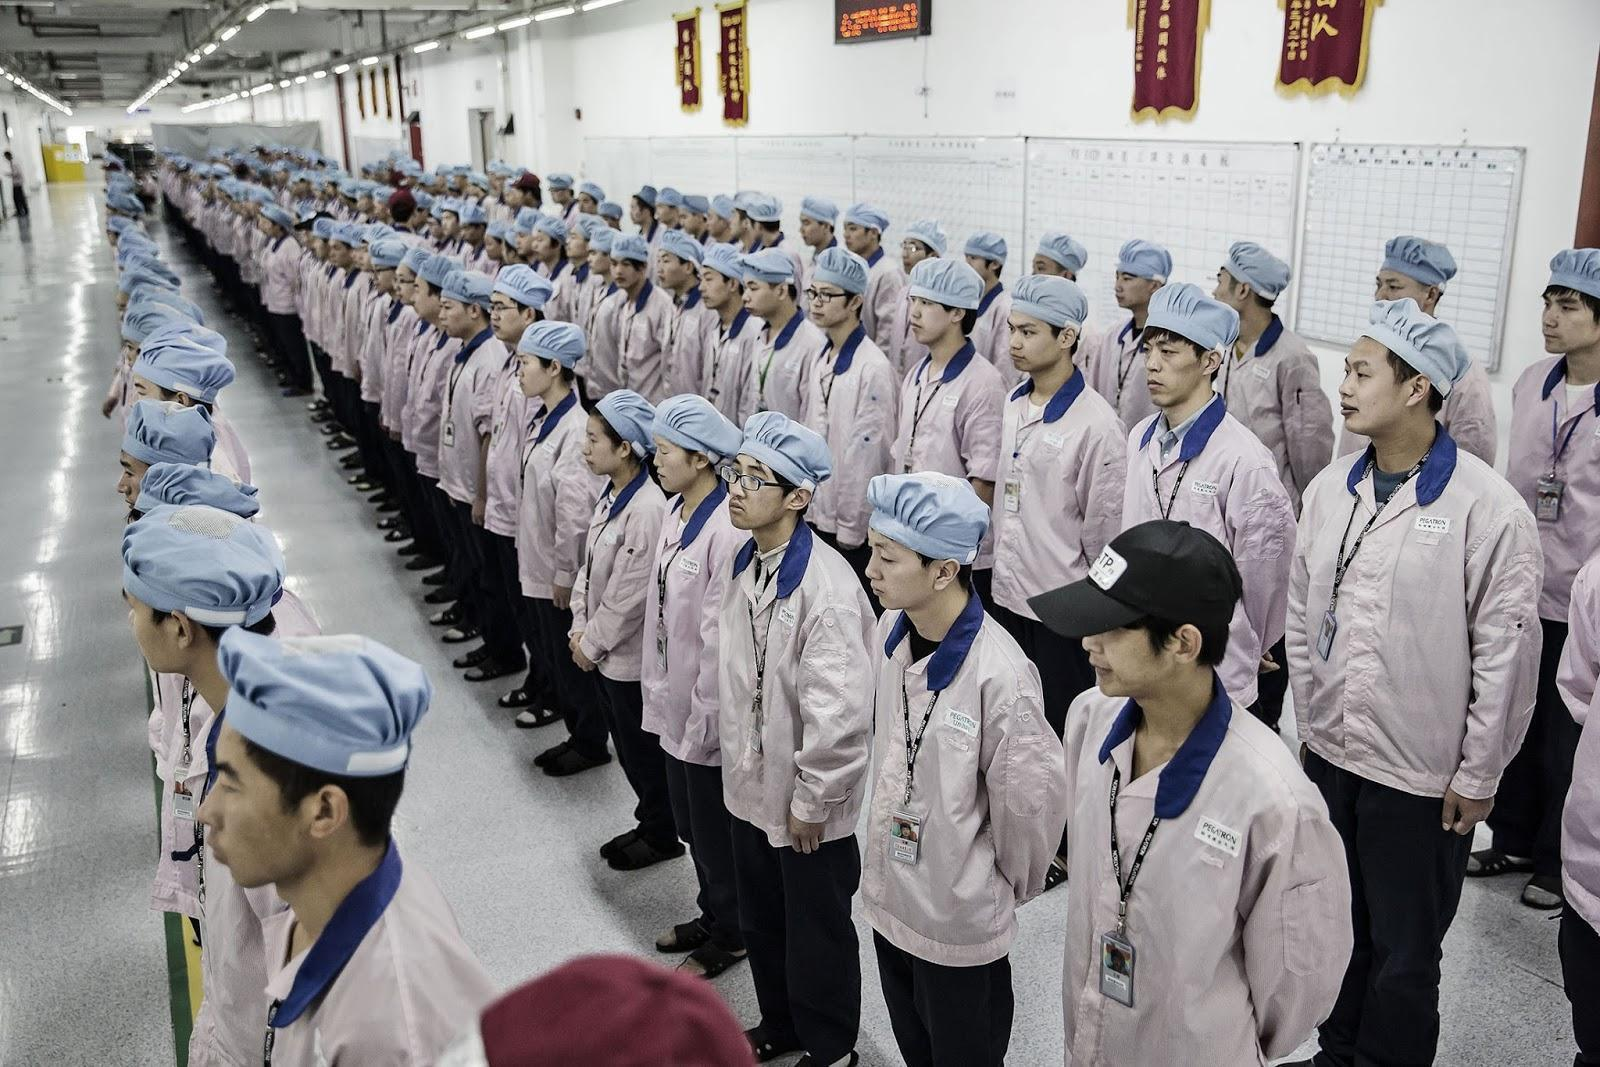 Chotheulaodongthoivu.com đơn vị cung ứng lao động bạn nên tham khảo.